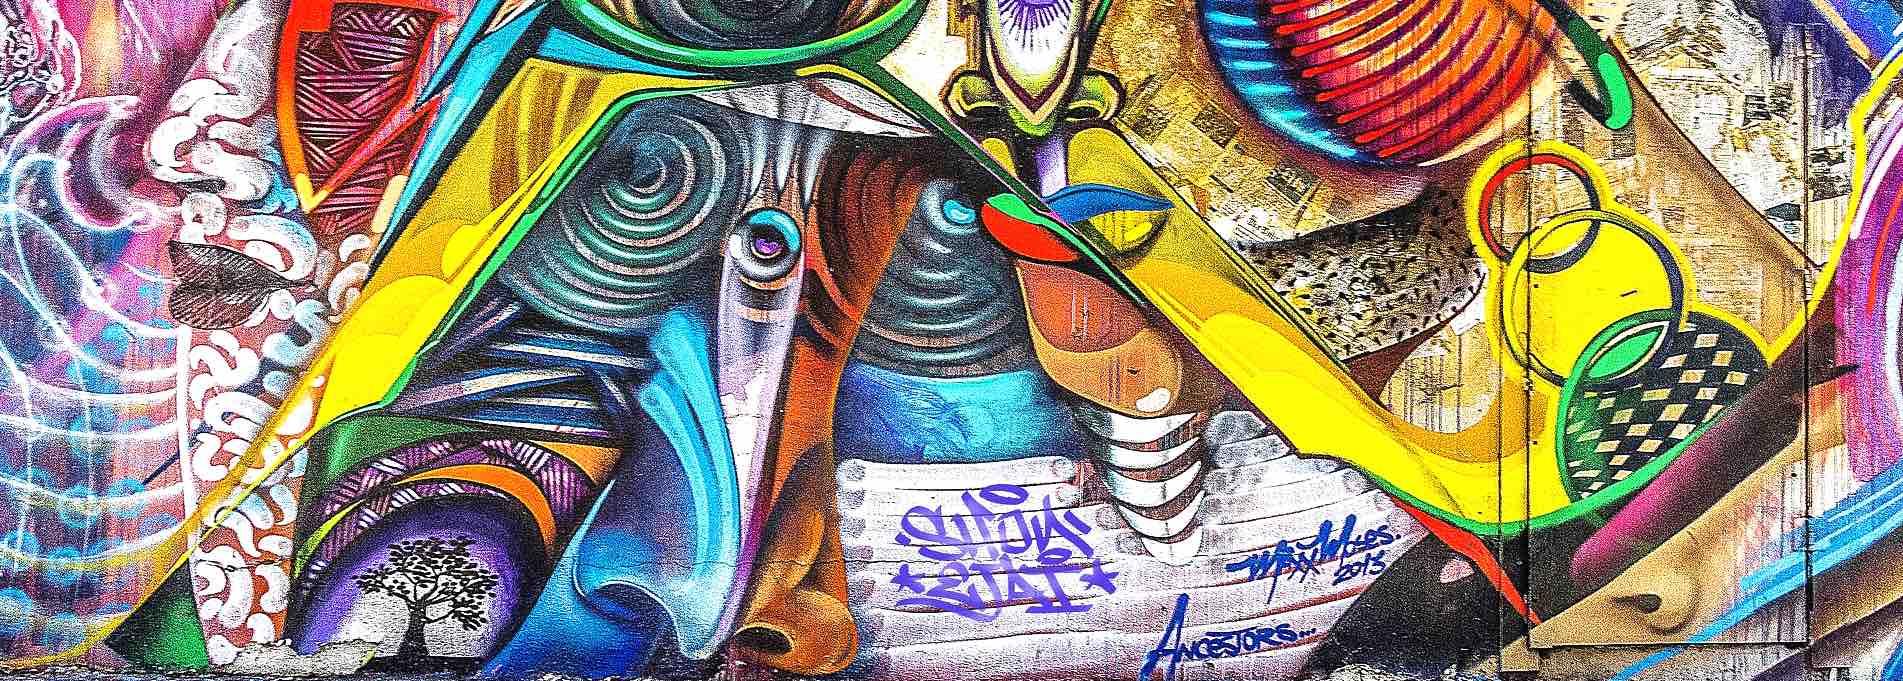 Presles fête les arts de rue